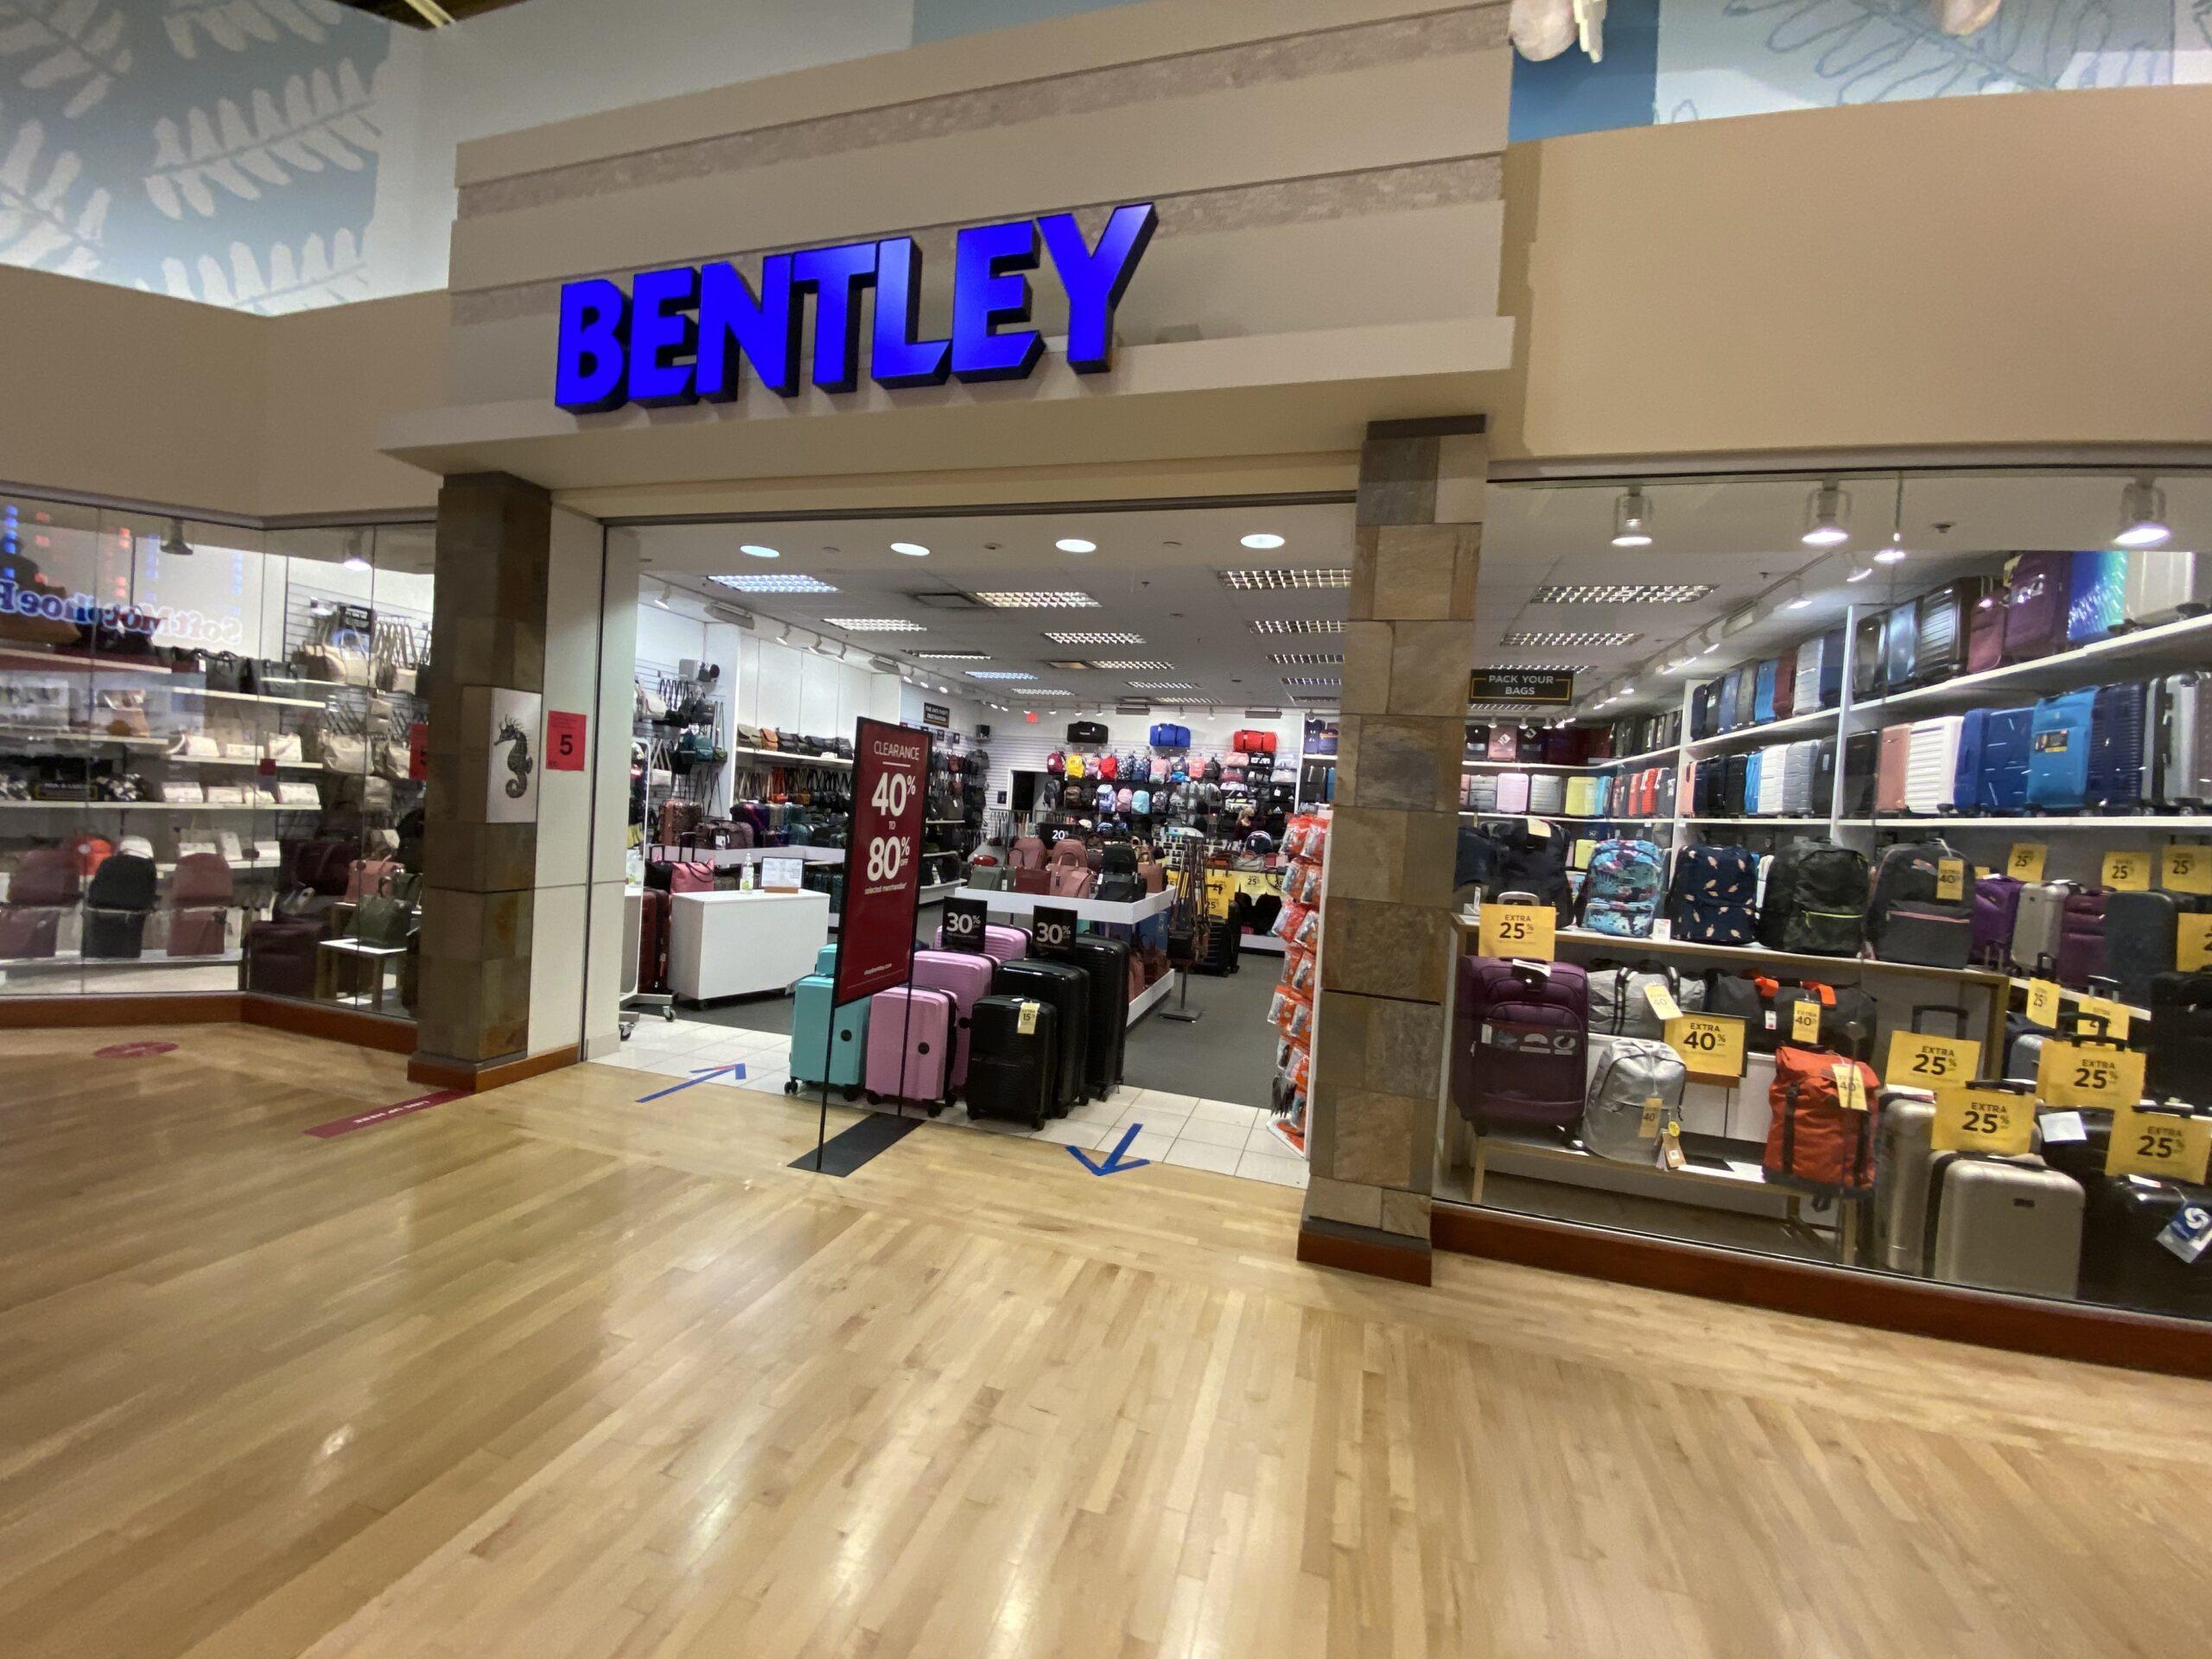 Bentley at CrossIron Mills